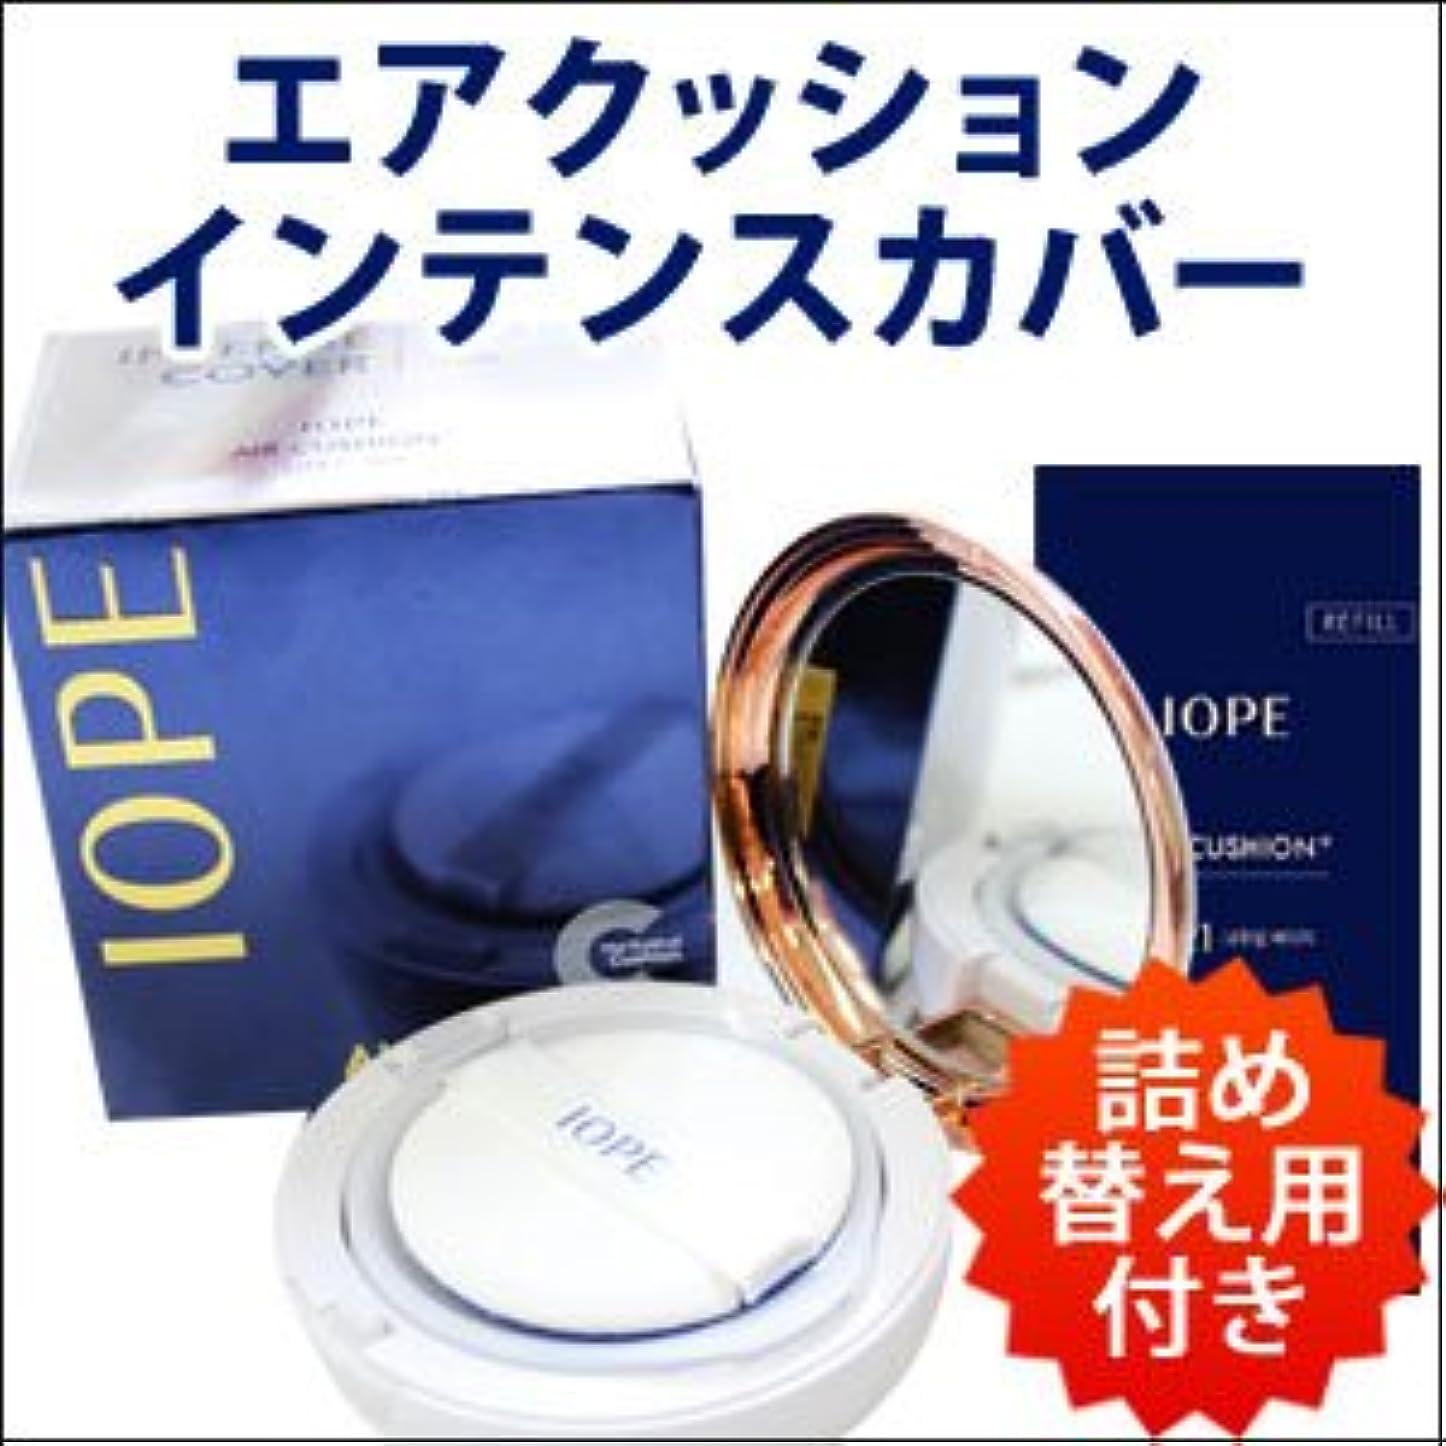 勇者トリム口述IOPE アイオペ エアクッション インテンス カバー SPF50/PA+++ 詰め替え用付き